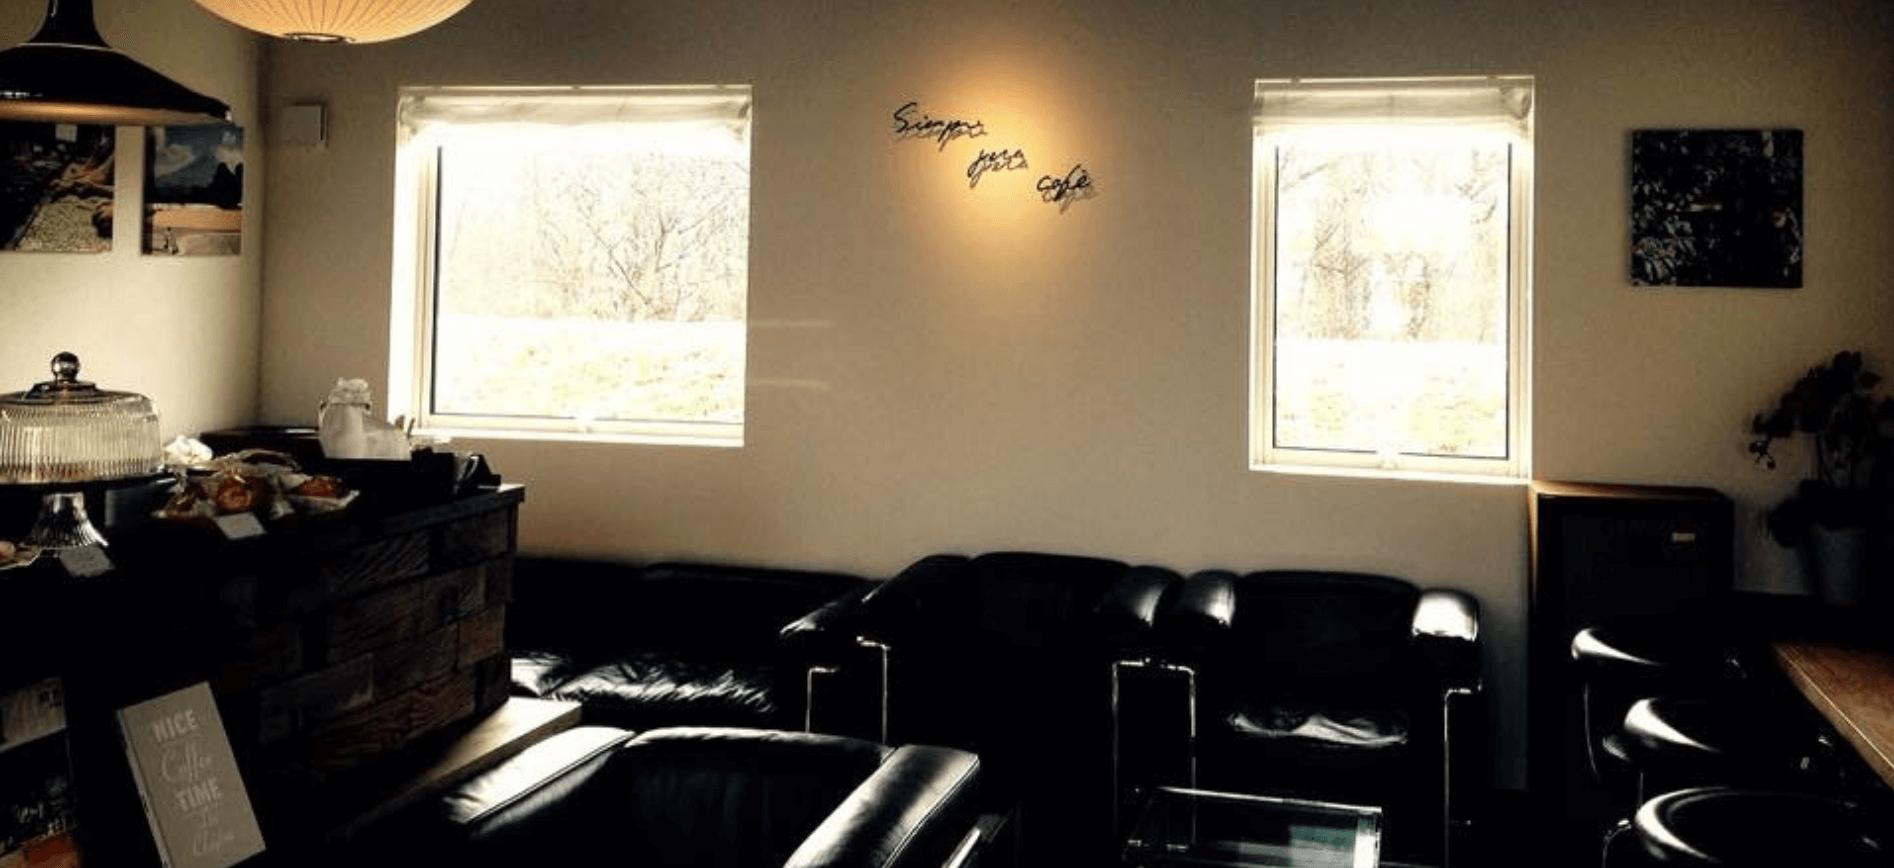 岩手でパパ活におすすめなちょっとリッチなカフェ「ミカフェート 盛岡店」